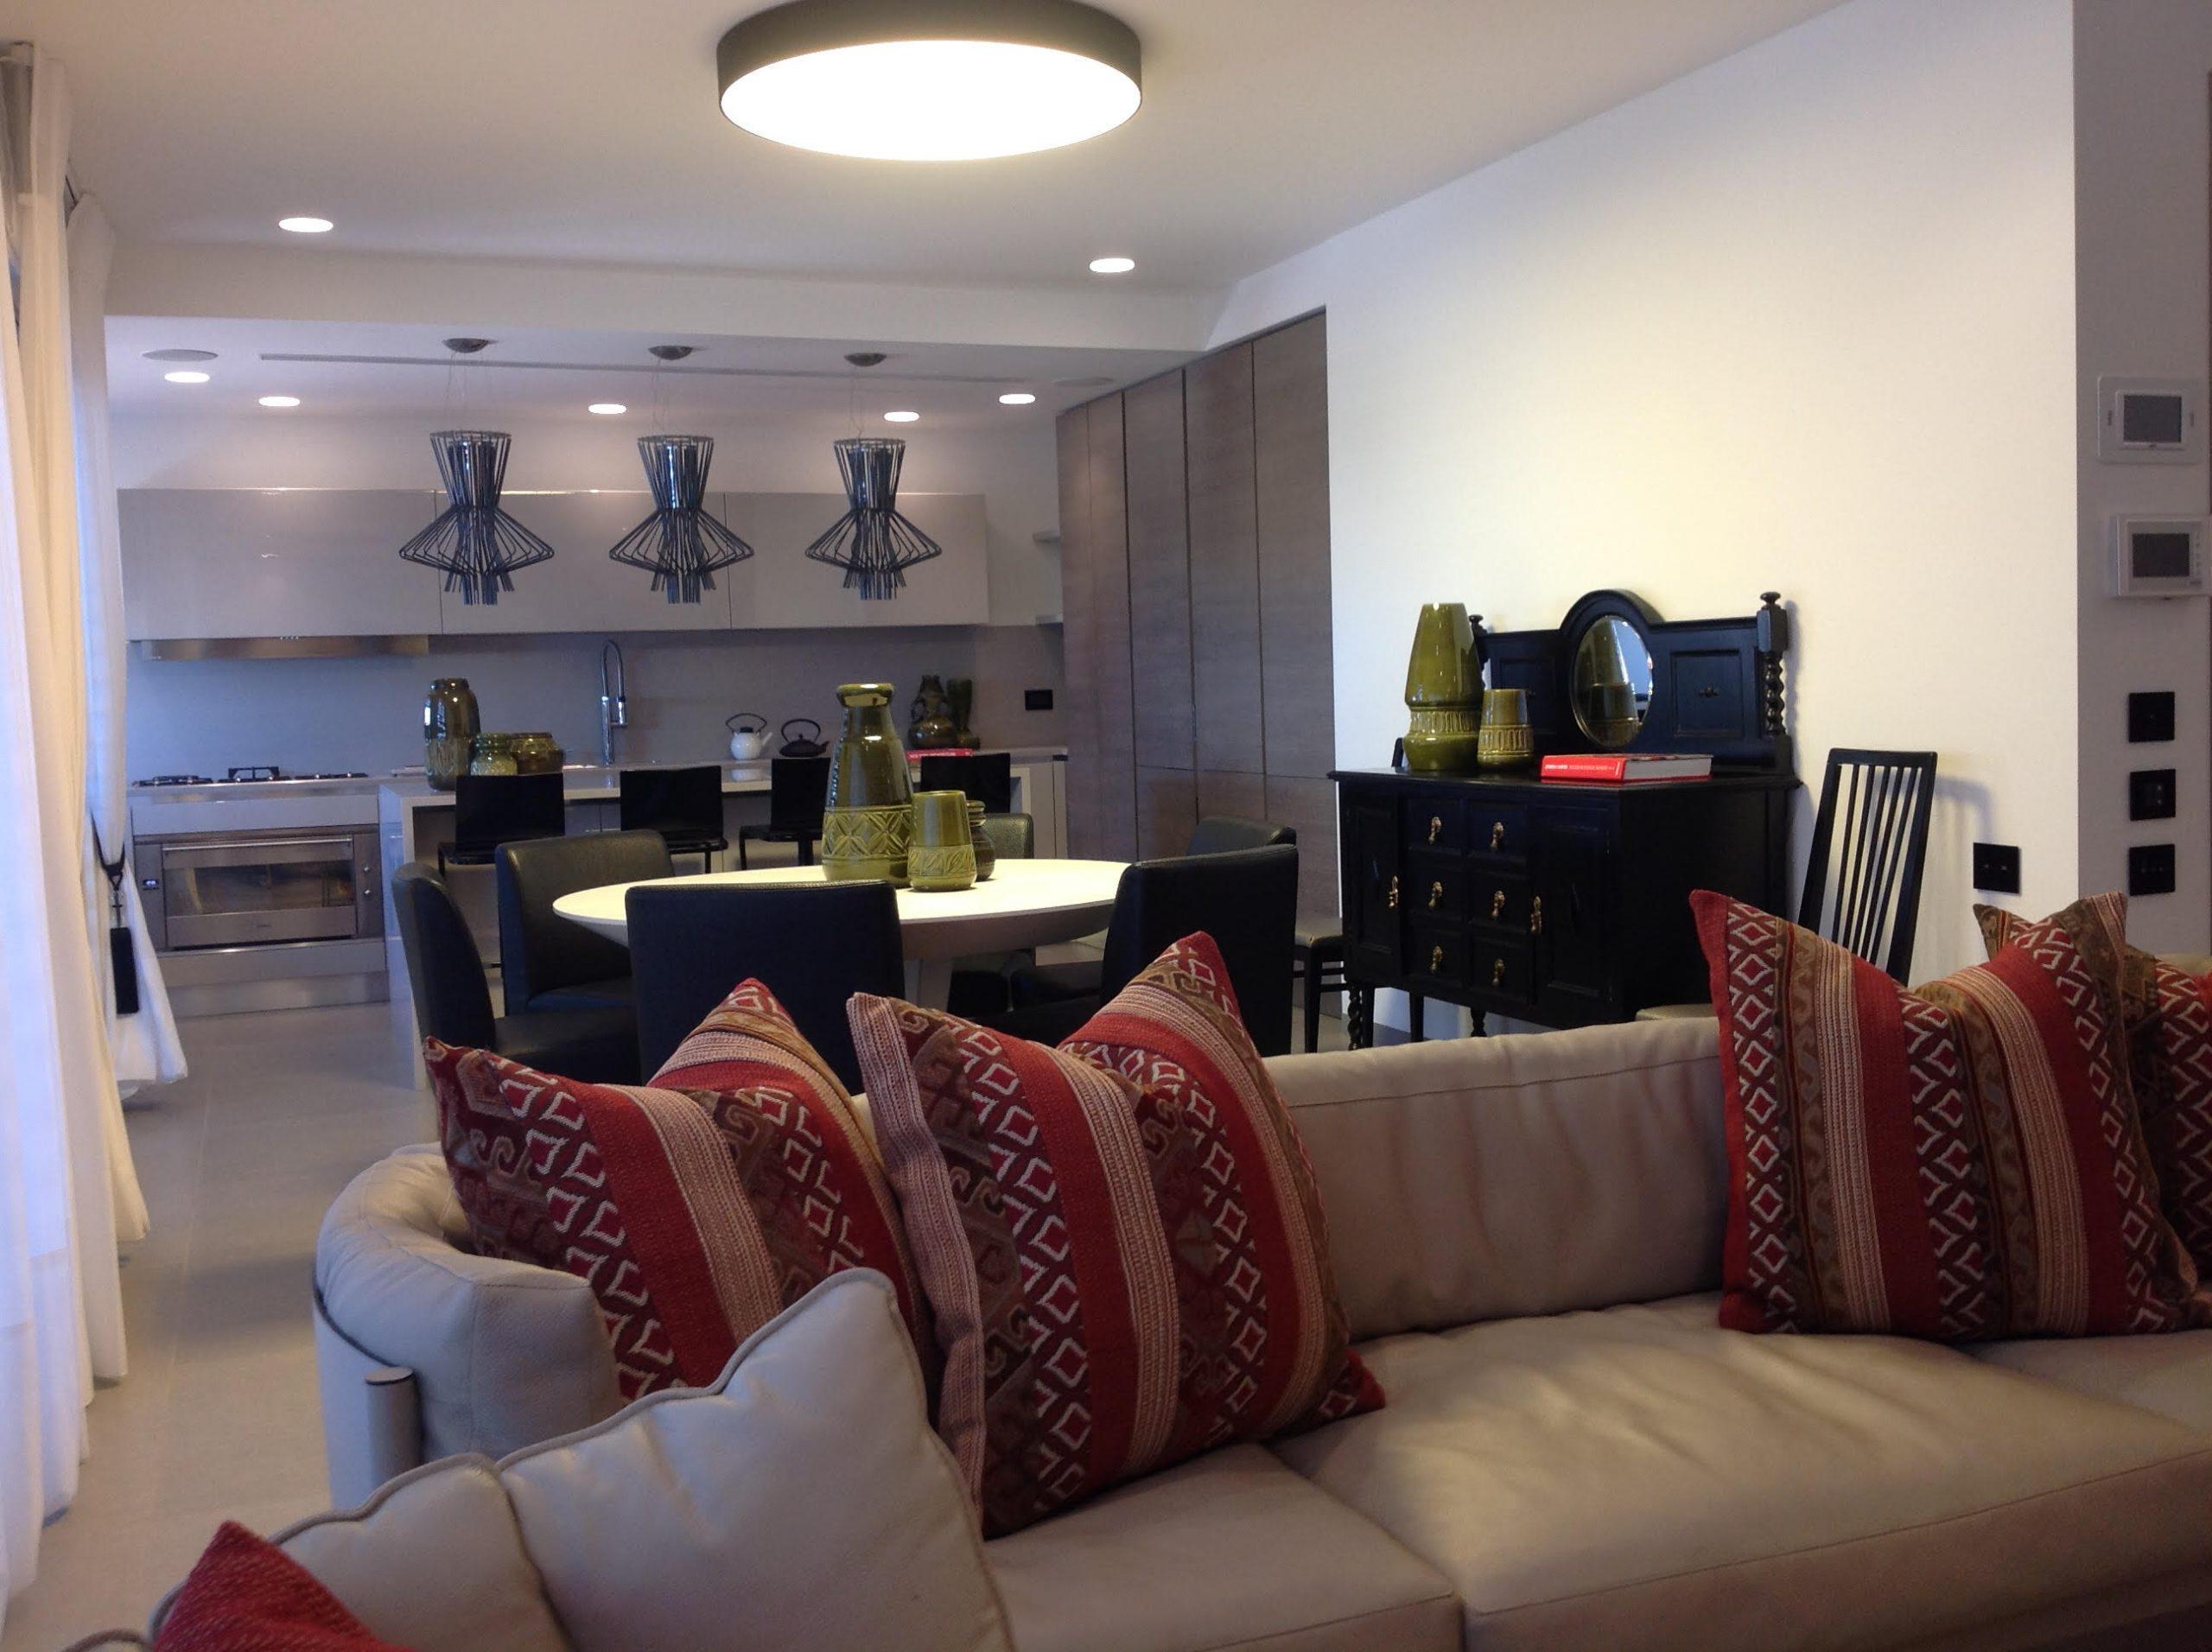 דירת 300 מ' בצפון בתל-אביב – מבט כולל על החלל הציבורי לכיוון המטבח